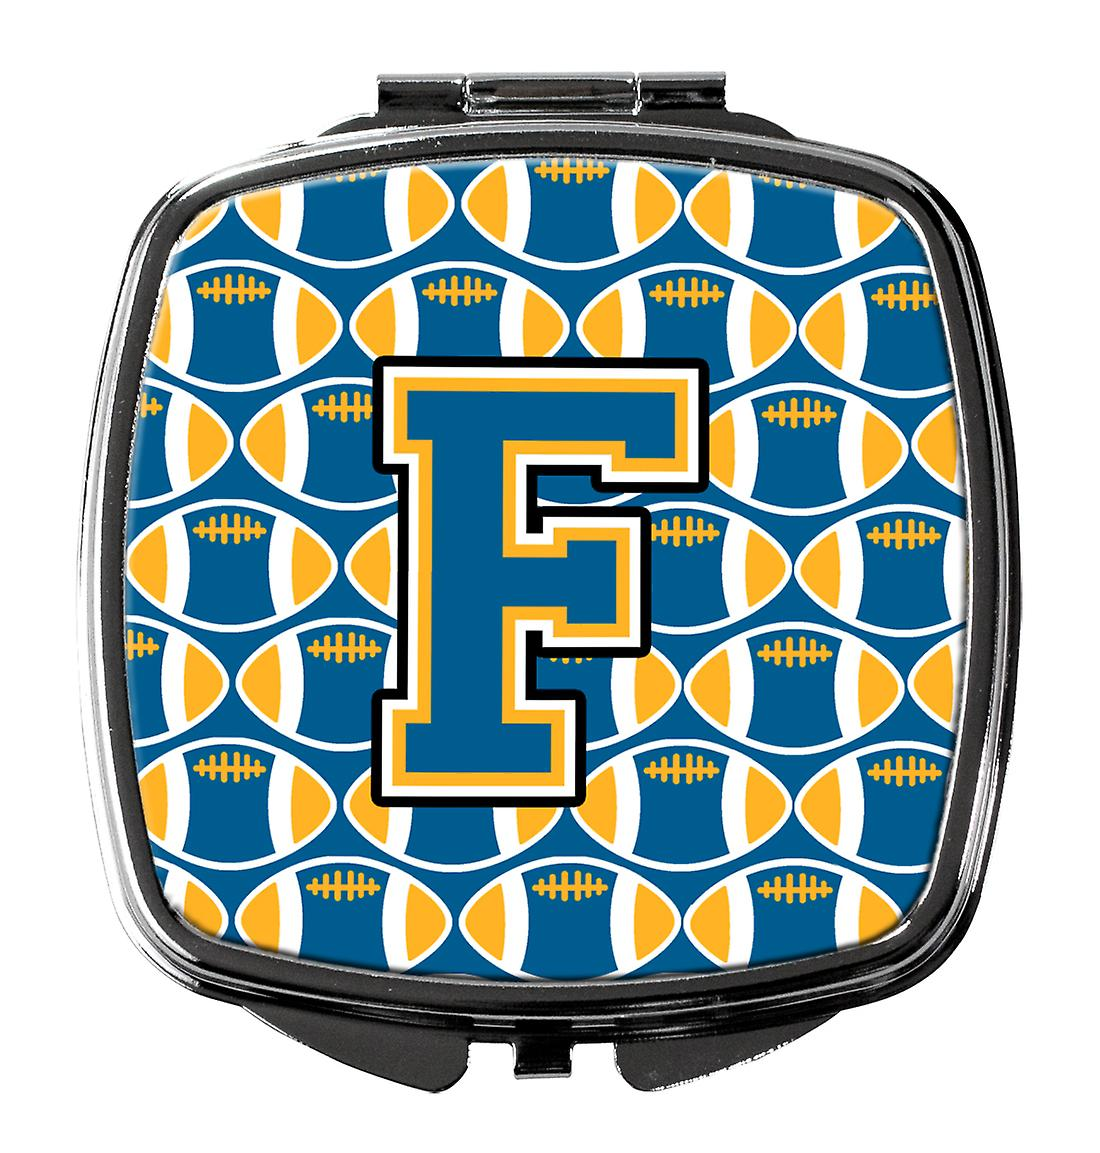 Bleu Compact Lettre Carolines Or fscm Et Miroir F Football Trésors Cj1077 OuTZPikX